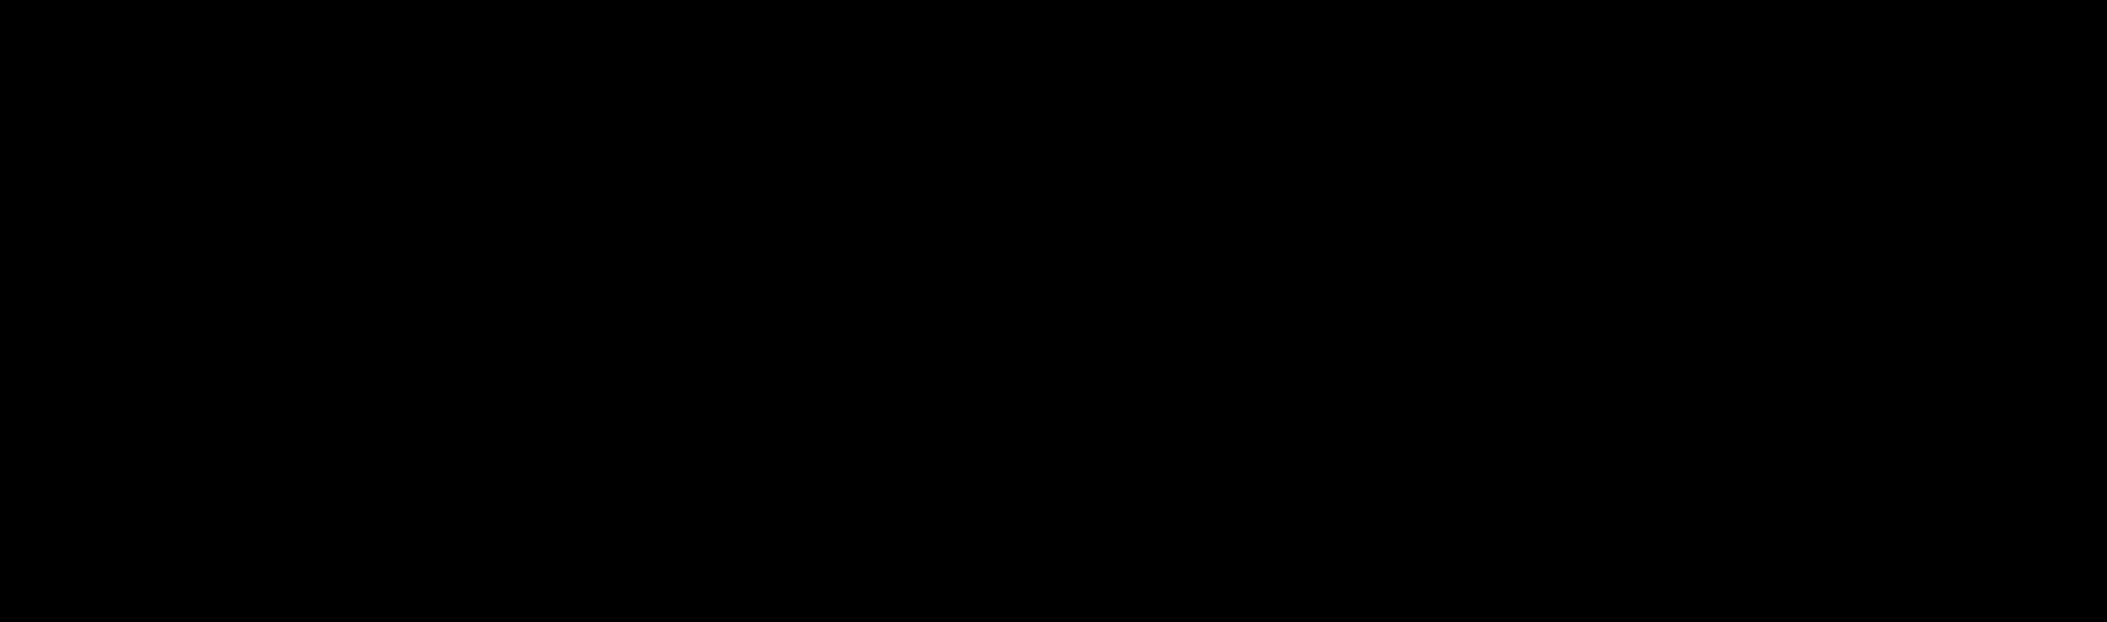 Diethyl (10-aminodecyl)phosphonate